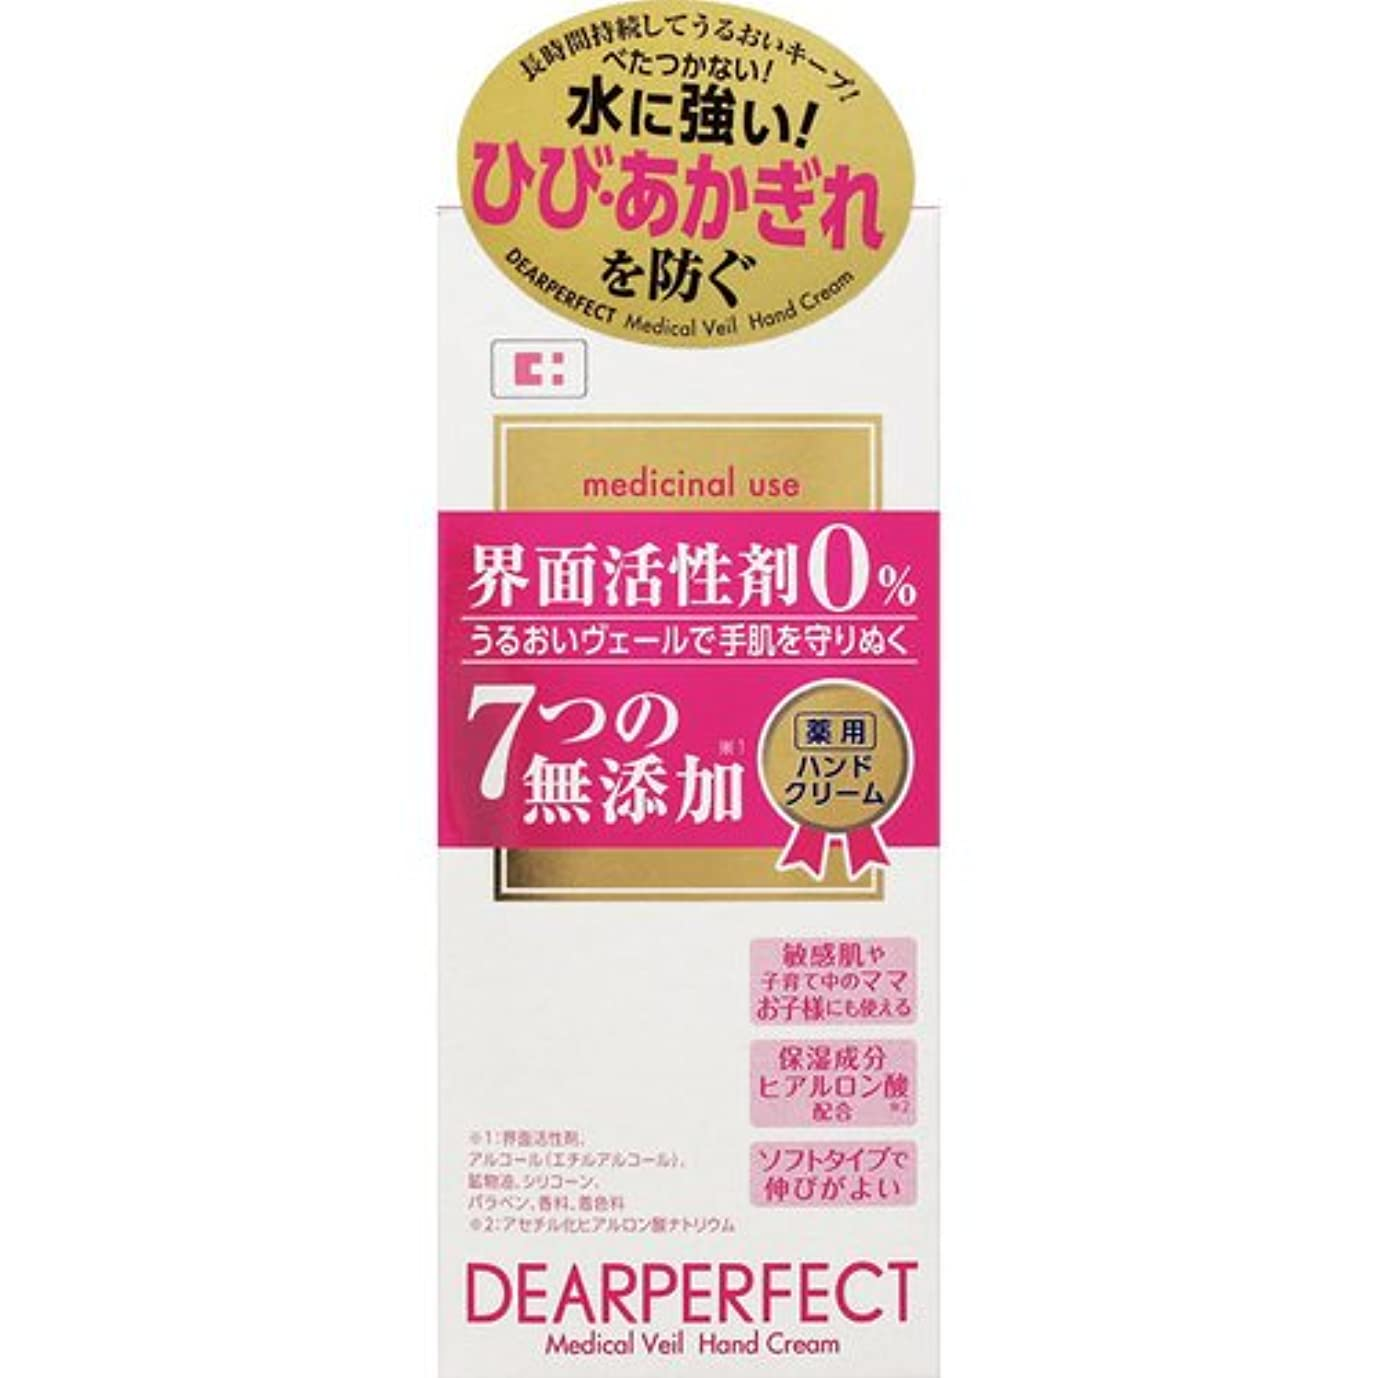 ディアパーフェクト 薬用ハンドクリーム 40g [医薬部外品]